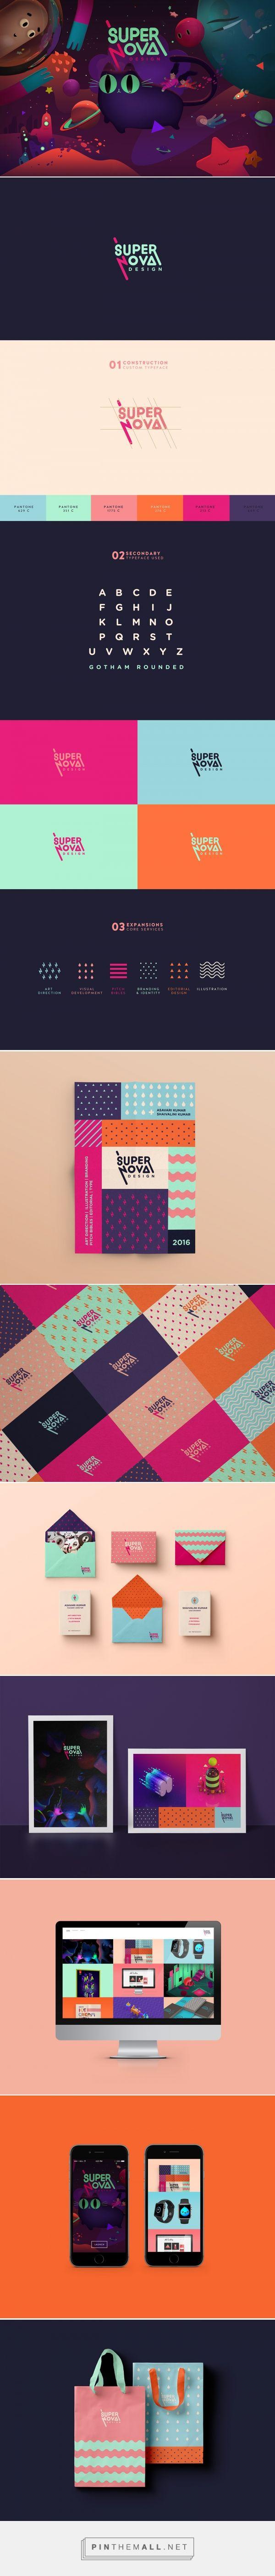 Supernova Design Branding on Behance